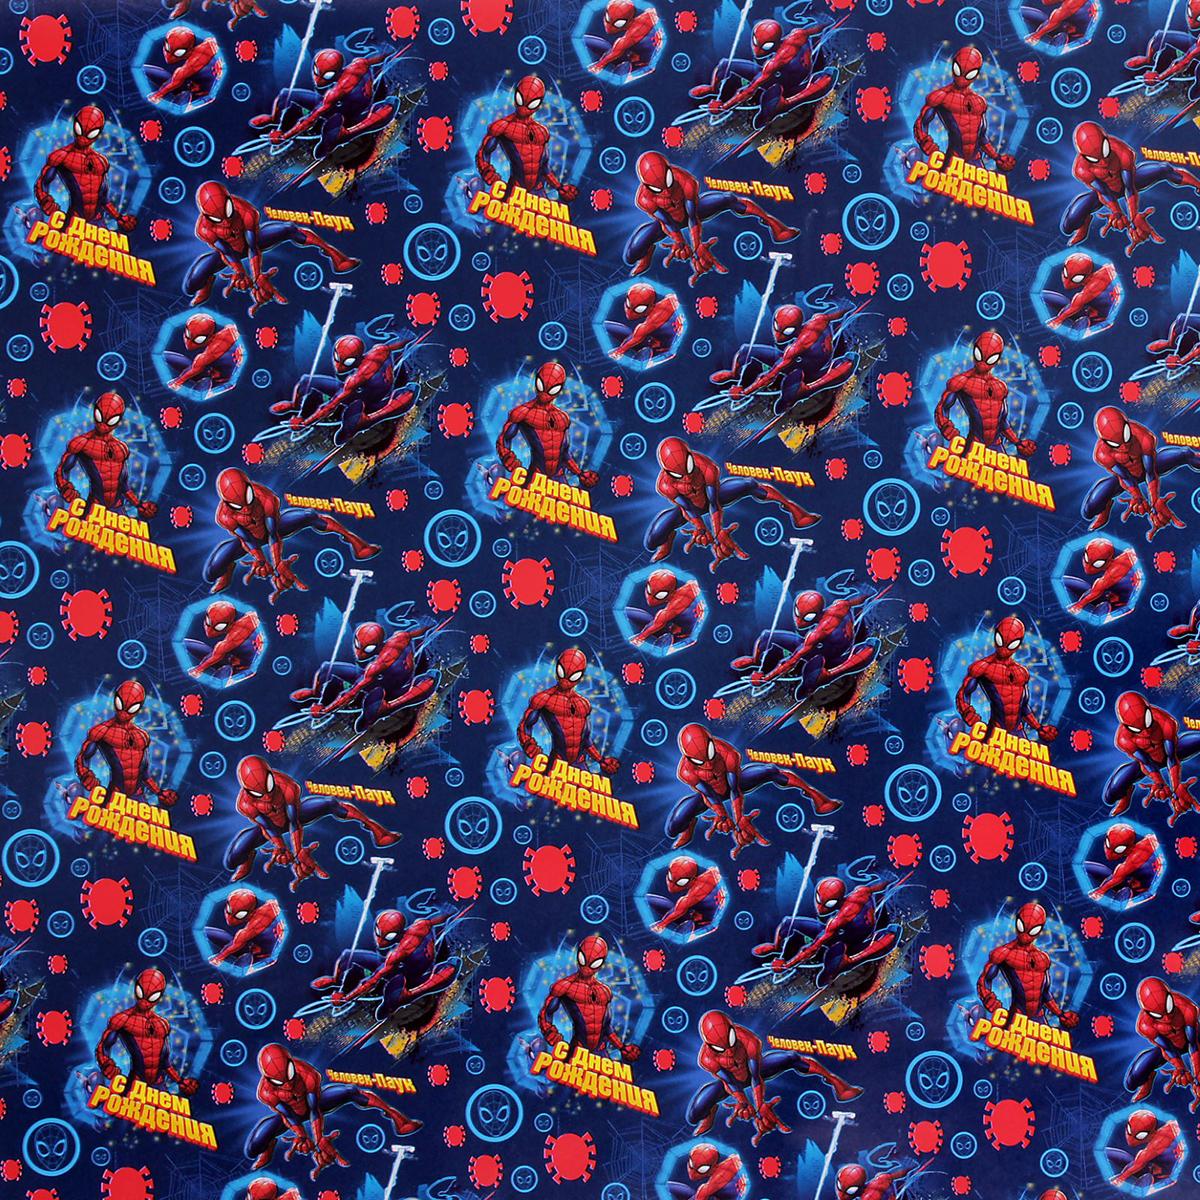 Бумага упаковочная Marvel С Днем Рождения! Человек-паук, глянцевая, 70 х 100 см. 23906542390654Дарите счастье с Marvel! Если вы готовите для малыша подарок, о котором он давно мечтал, позаботьтесь о небольшой, но важной детали — красивой упаковке. Подарочная глянцевая бумага заставит сердце чада биться чаще в предвкушении. Ребёнок сразу поймёт, что мамочка с папочкой приготовили для него что-то особенное: ещё пара секунд и произойдёт чудо! Любимые герои сделают праздник веселее! Помните, что улыбка и смех крохи — счастье для каждого родителя!